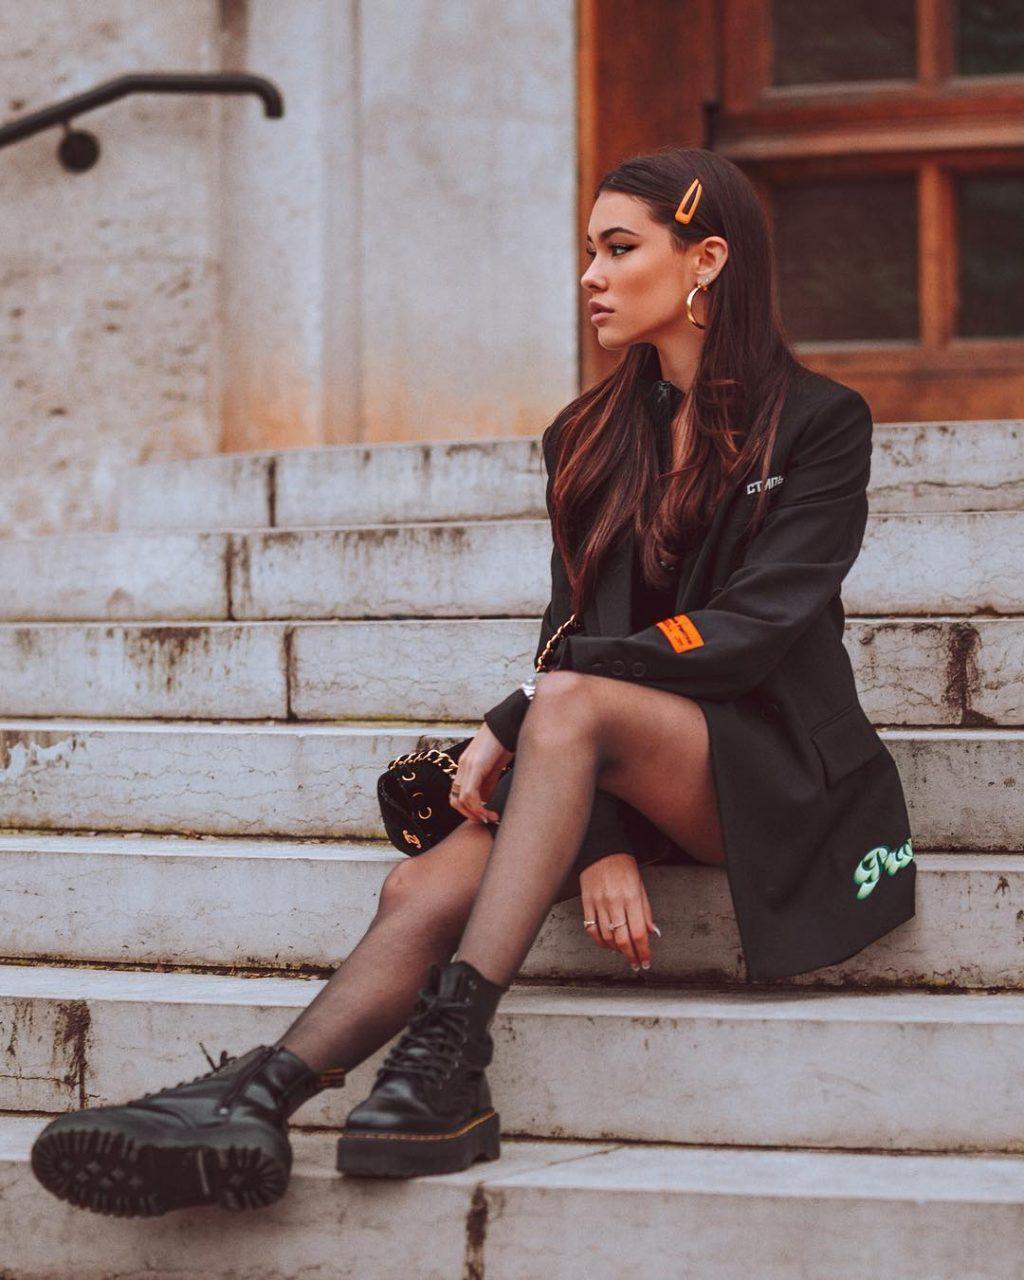 Madison mặc áo vest và đi giày đen